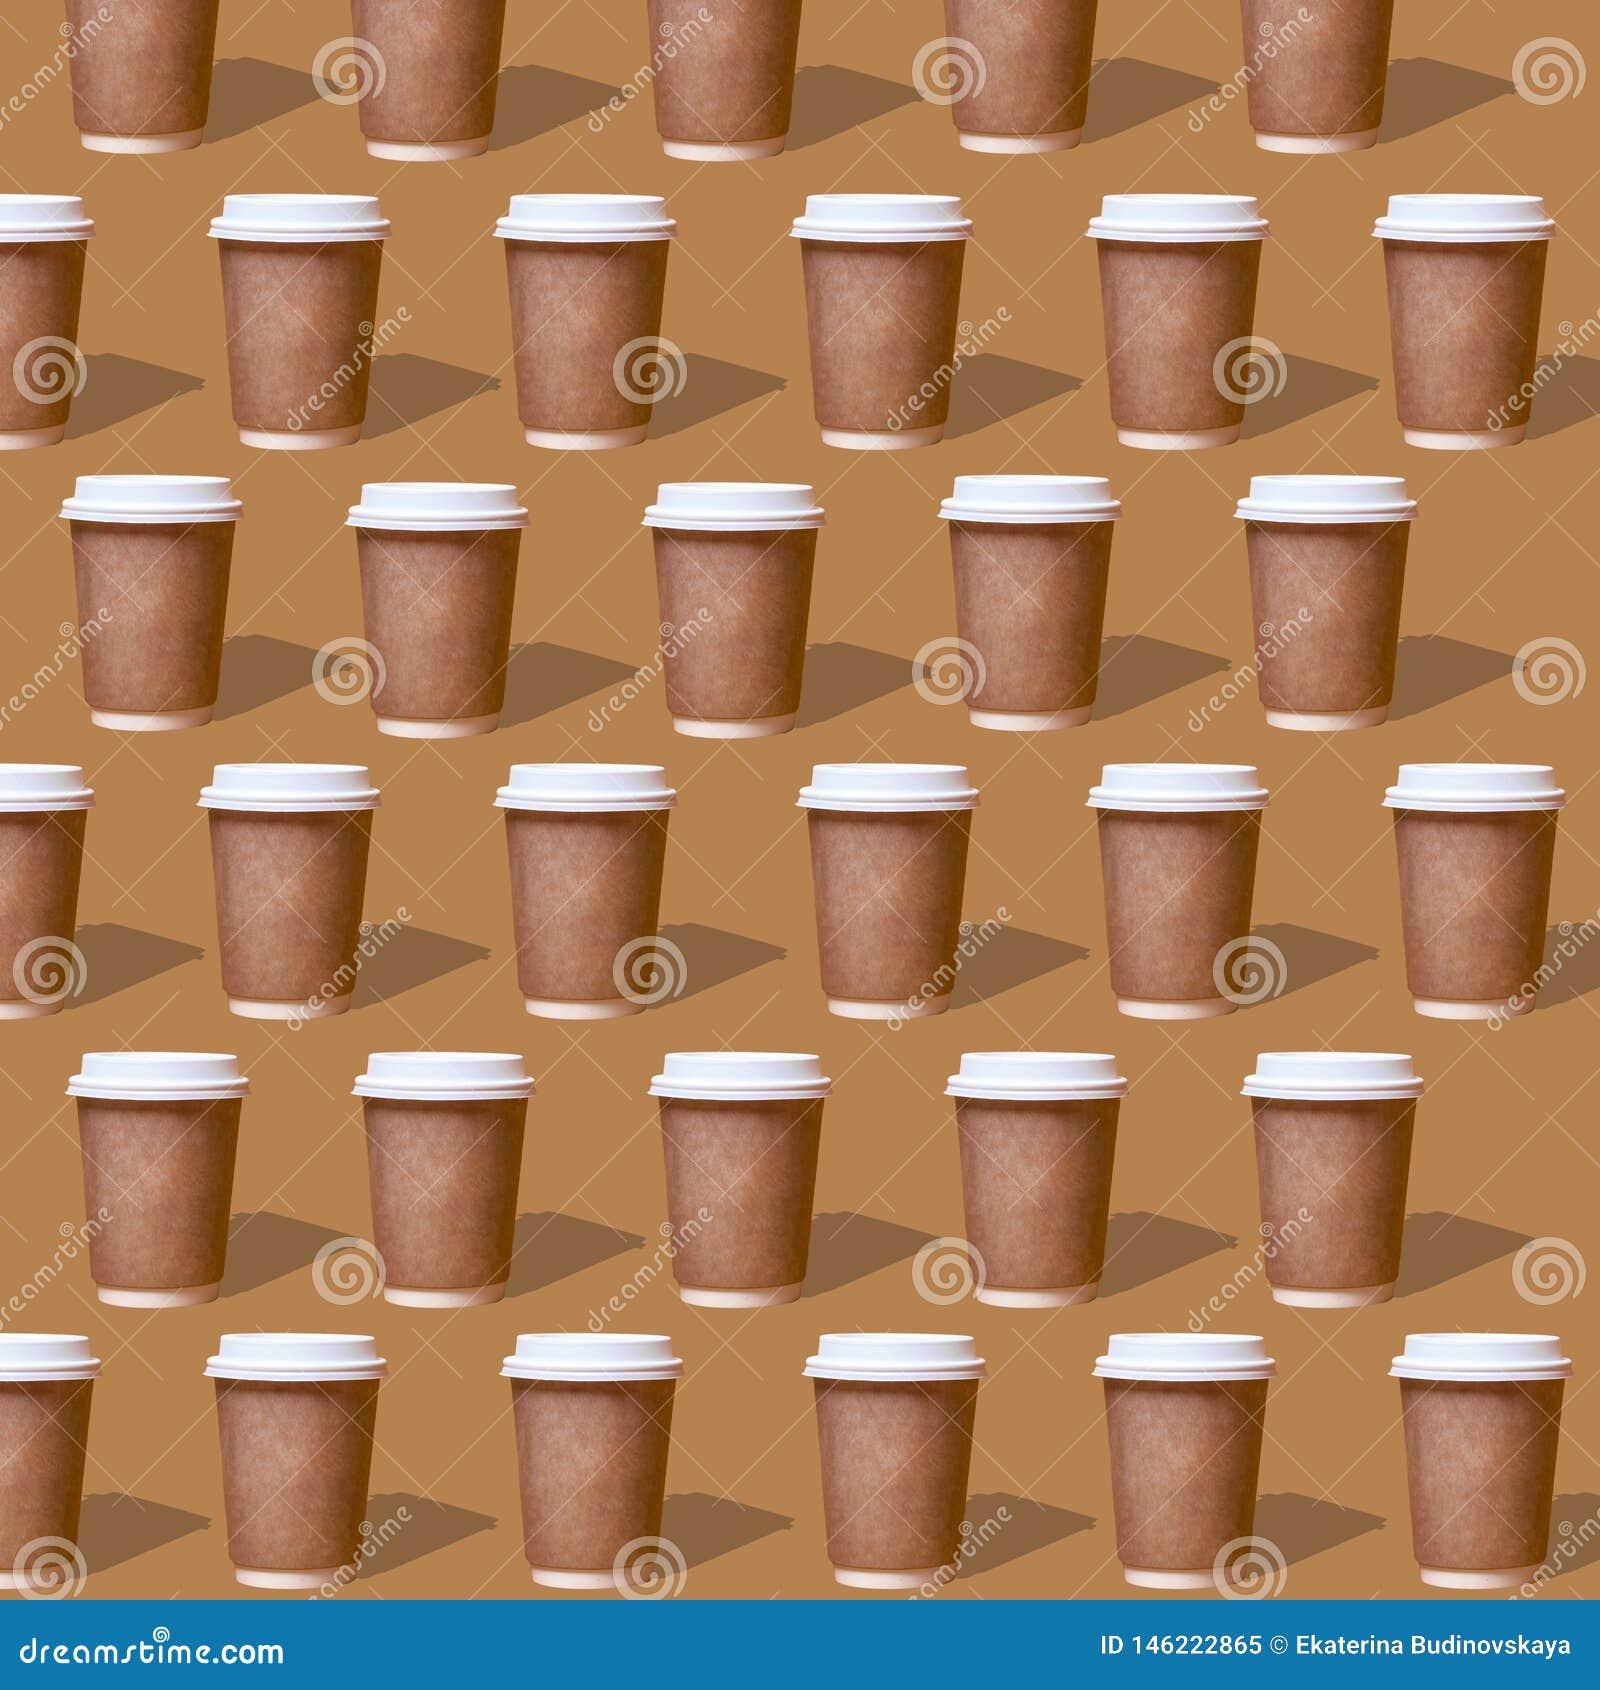 Dubbel patronenglas koffie